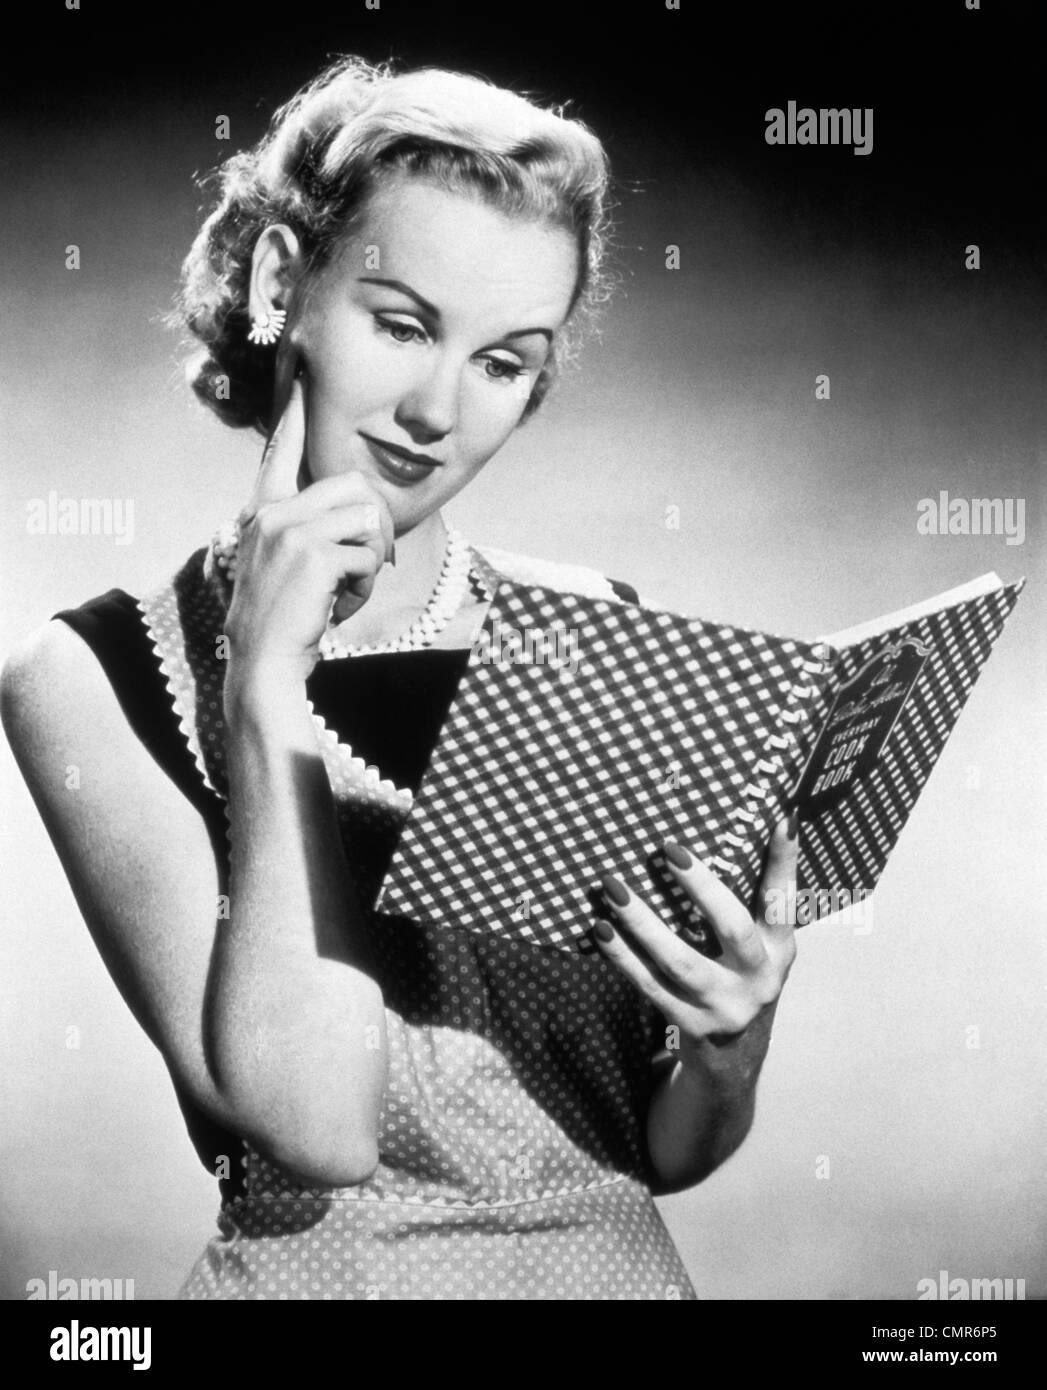 1950ER JAHREN NACHDENKLICHE BLONDE HAUSFRAU LESUNG KOCHBUCH Stockbild